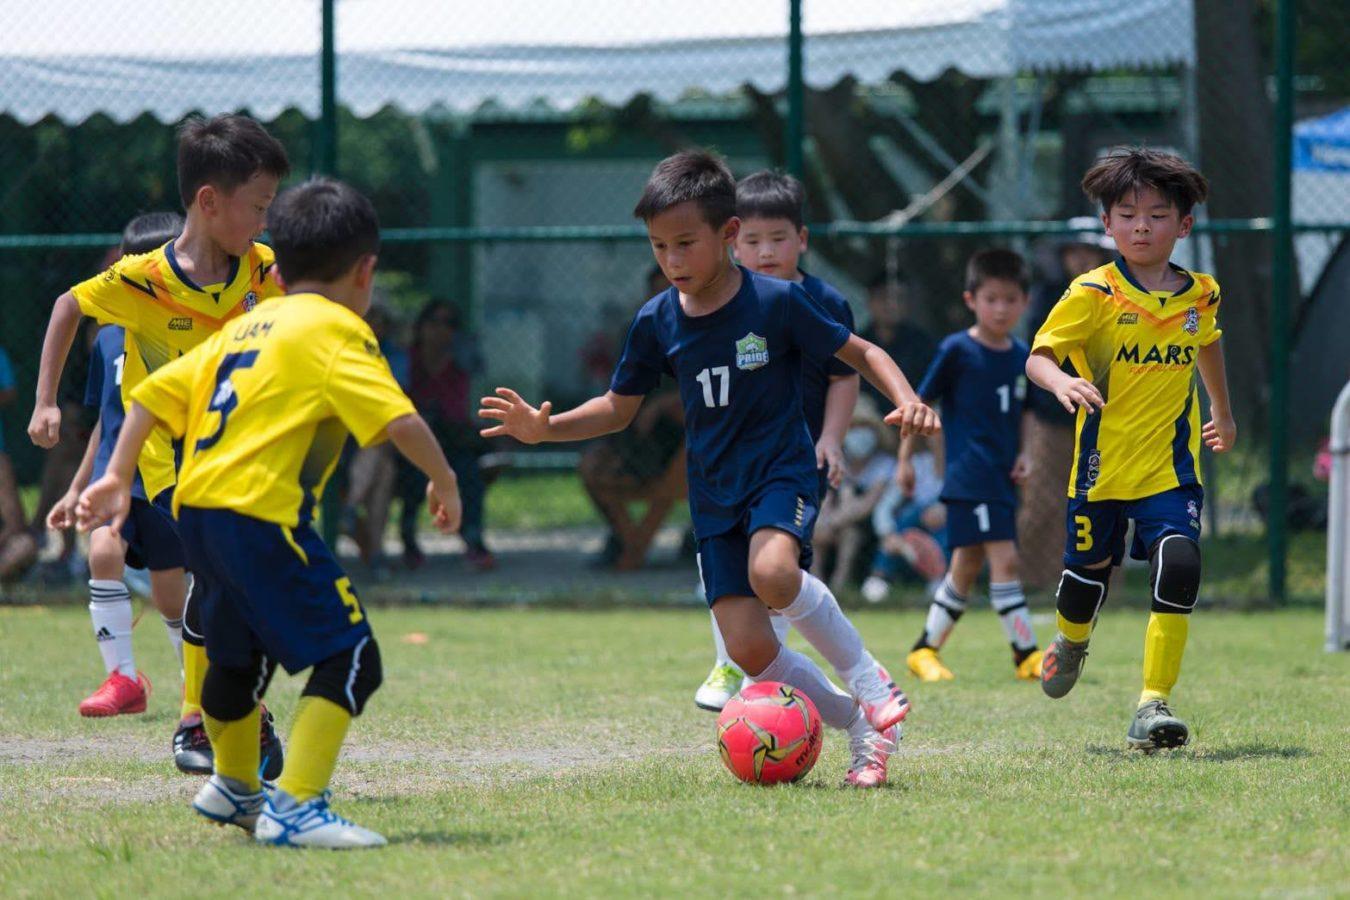 【新生的喜悅】足球最適合從小開始 A Great Leap For Kids